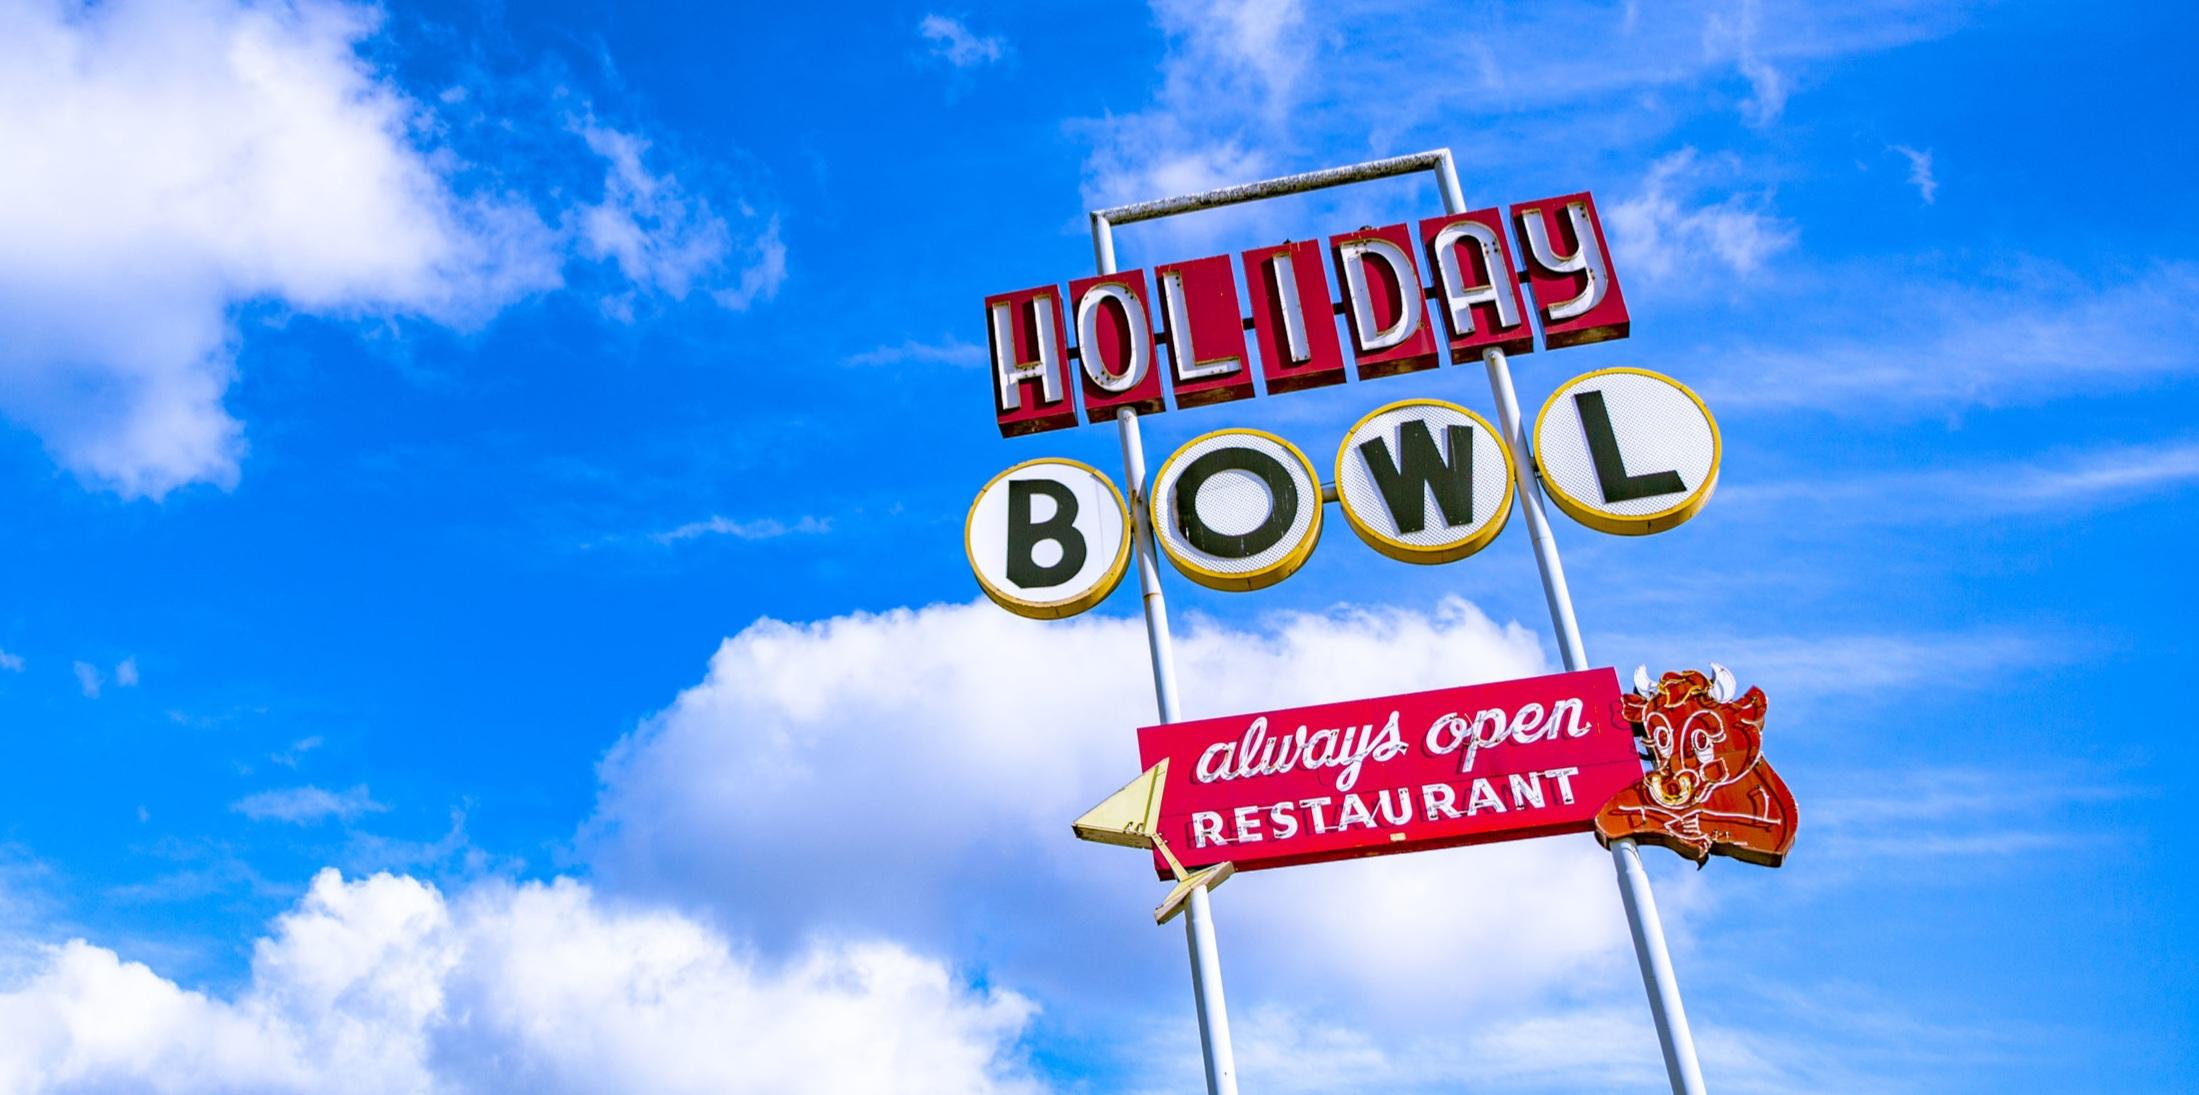 Holiday Bowl - Hayward, Ca